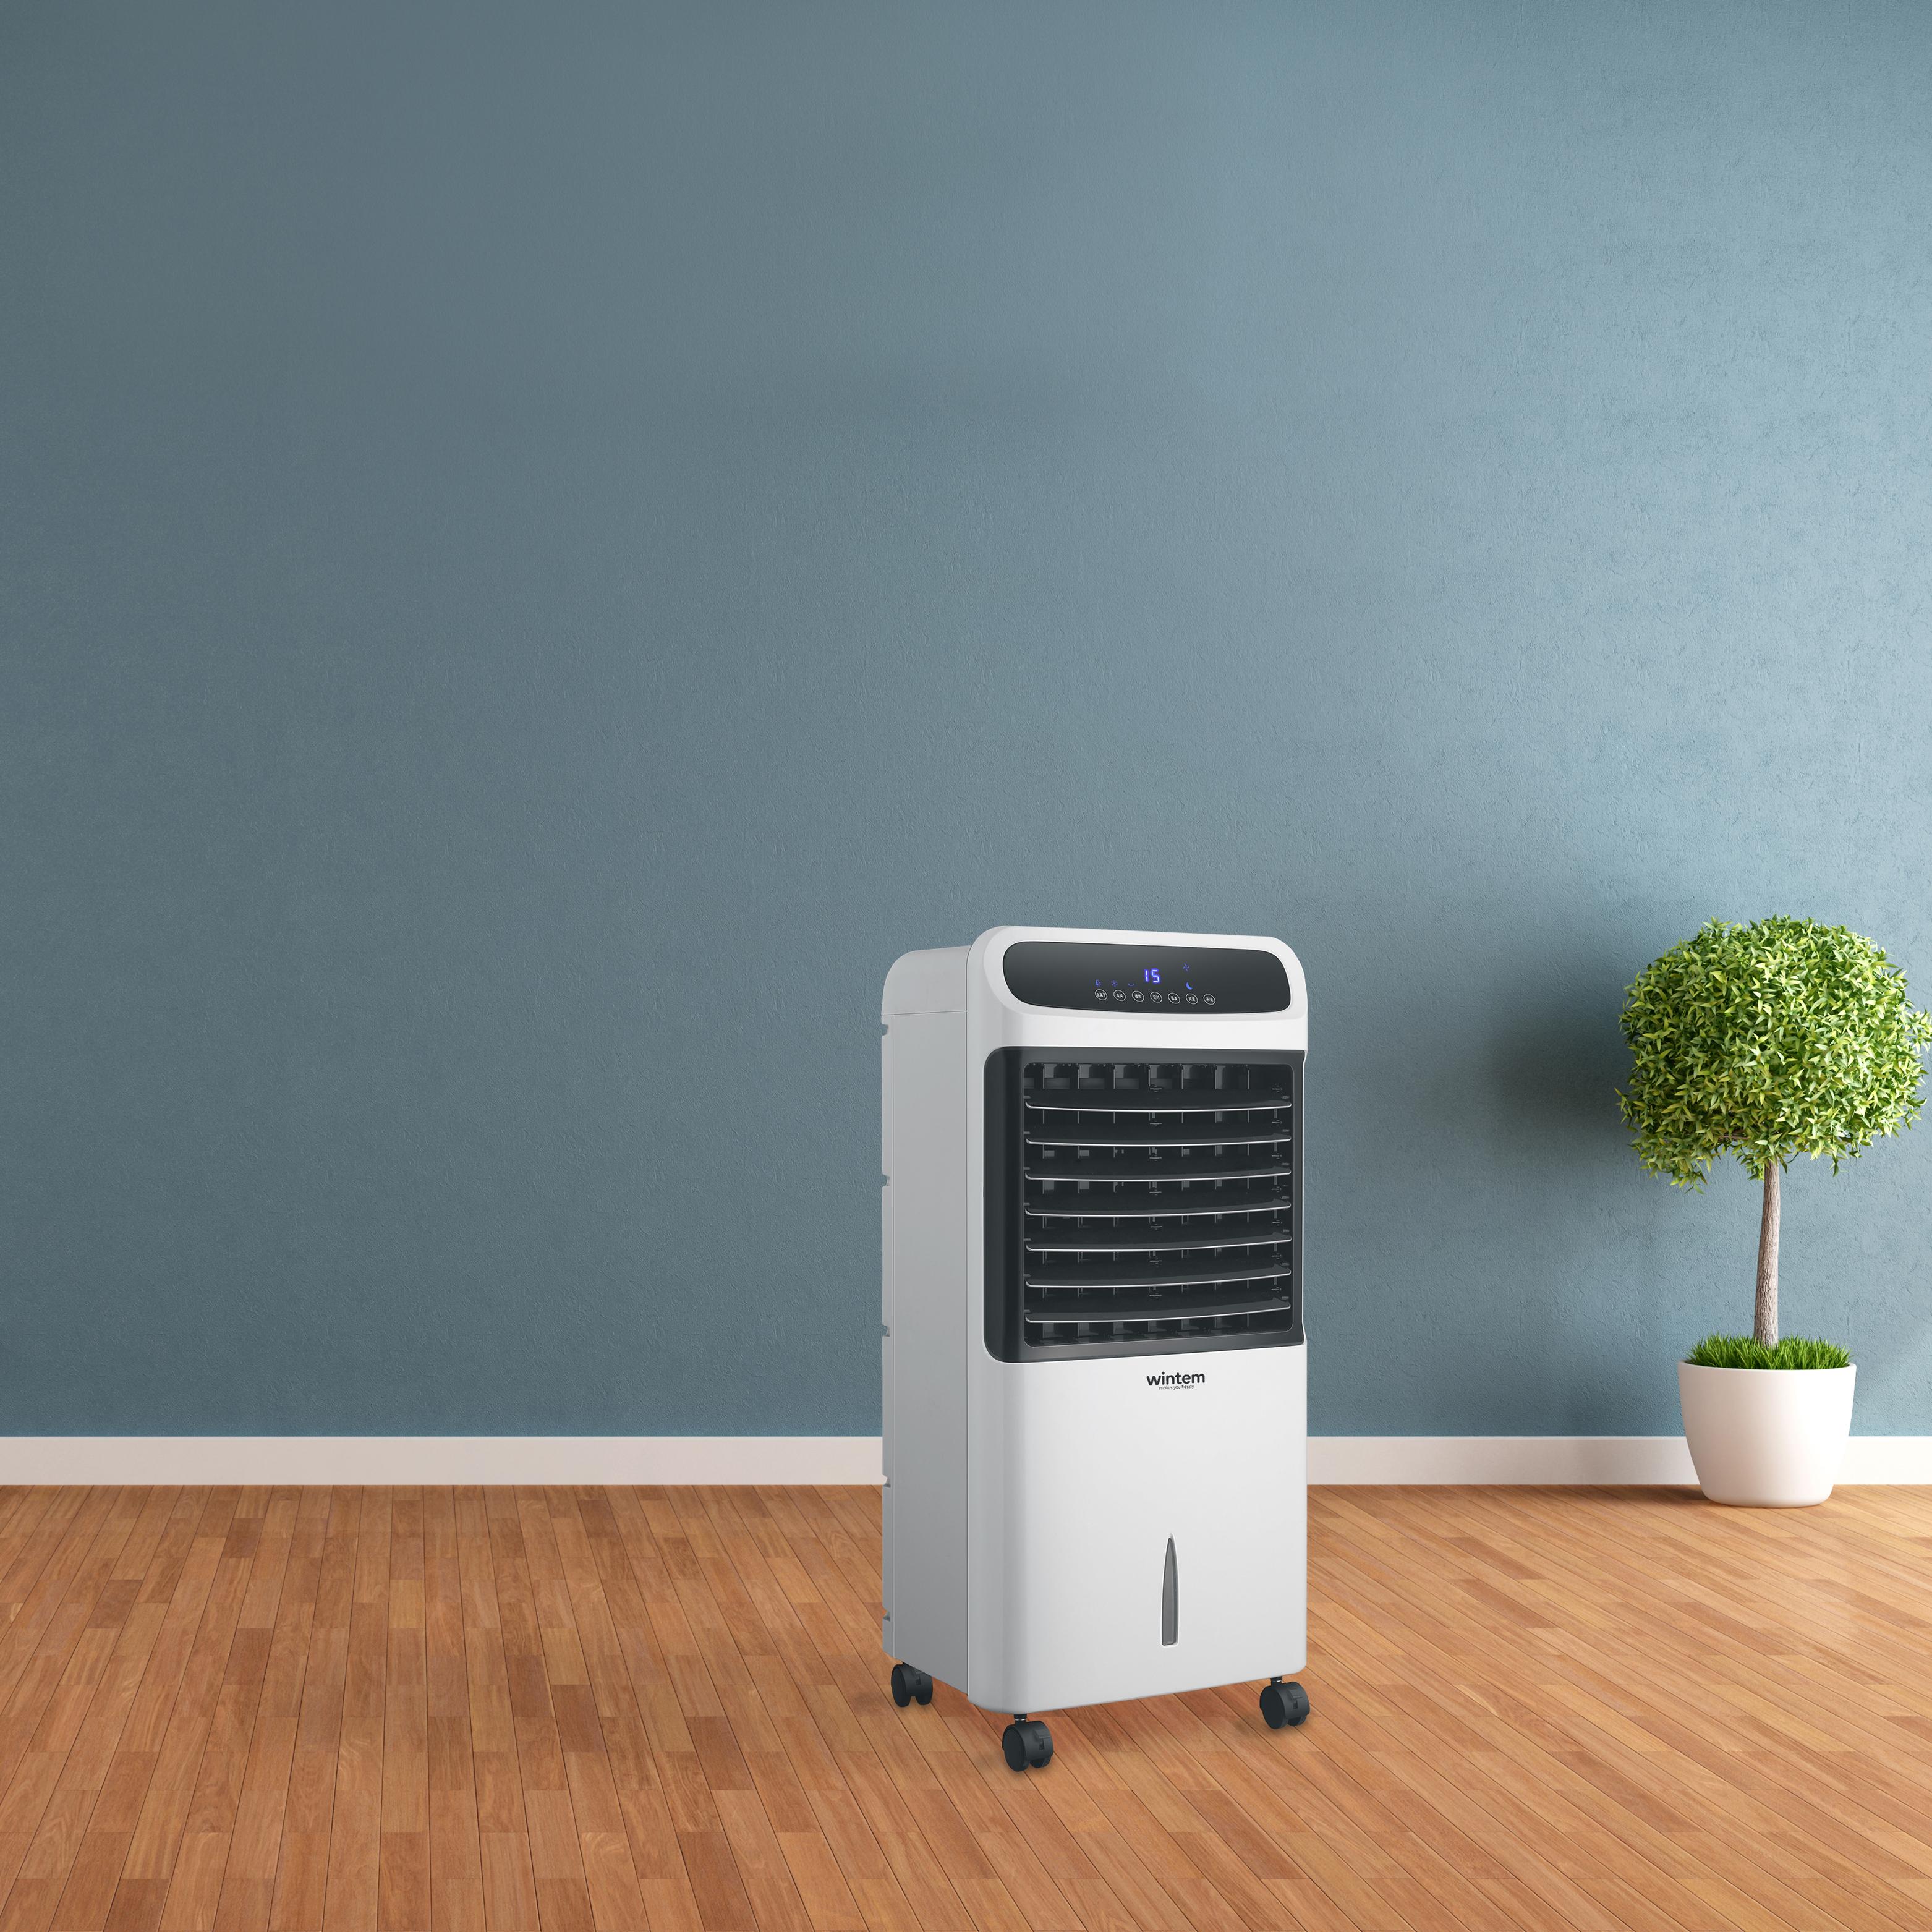 Horus Climatizzatore Portatile 2000 Watt Raffrescatore Aria Calda Fredda Wintem 3